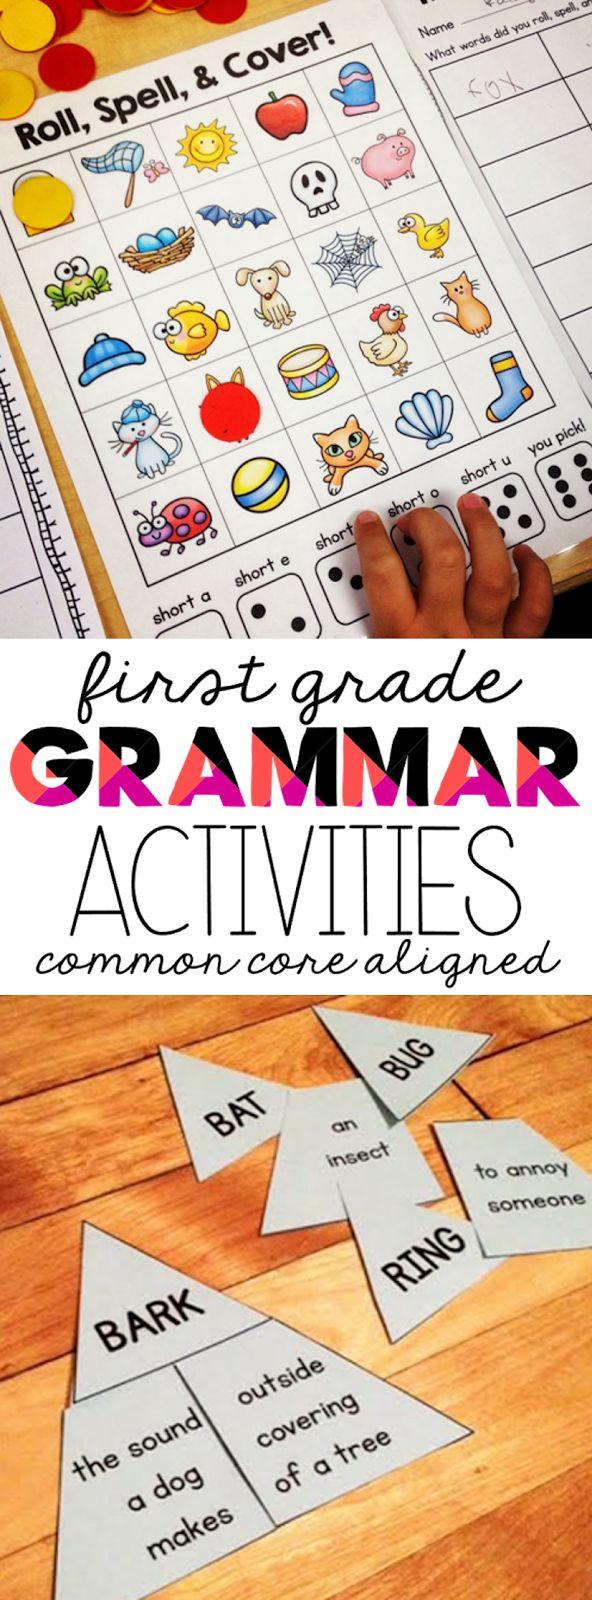 first grade grammar lessons, first grade common core language standards, first grade grammar activities,